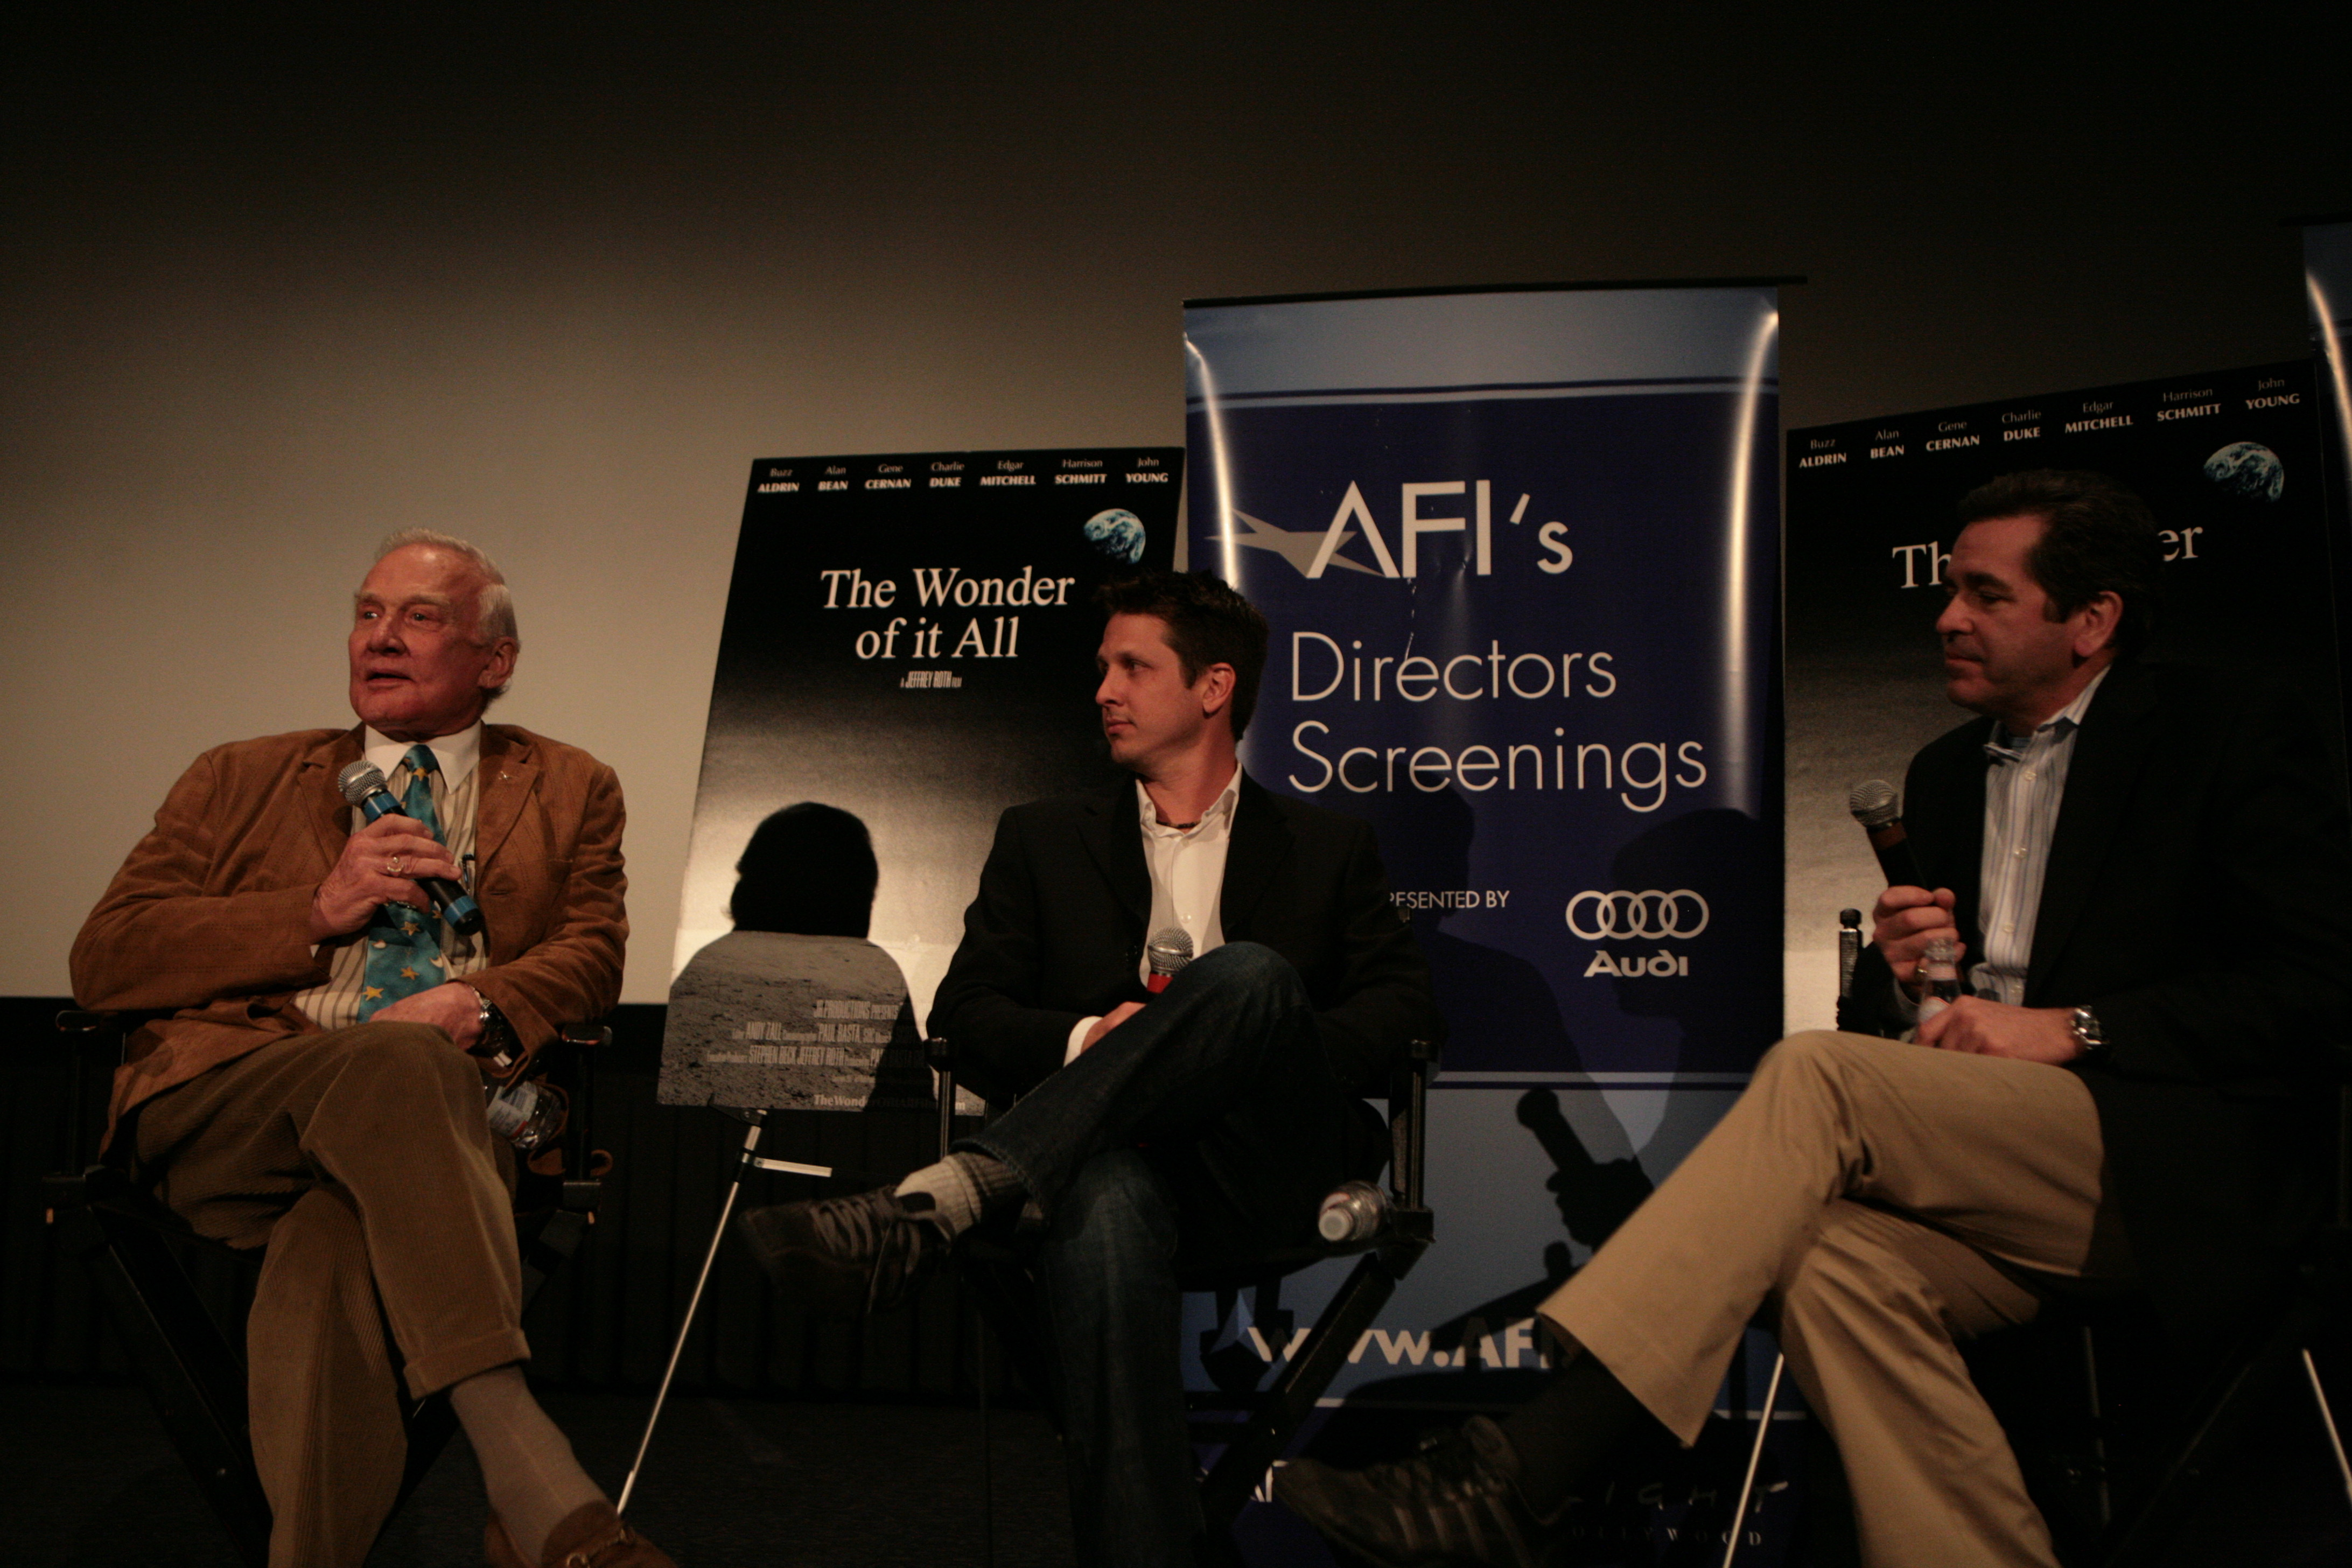 Buzz AFI directors screenings